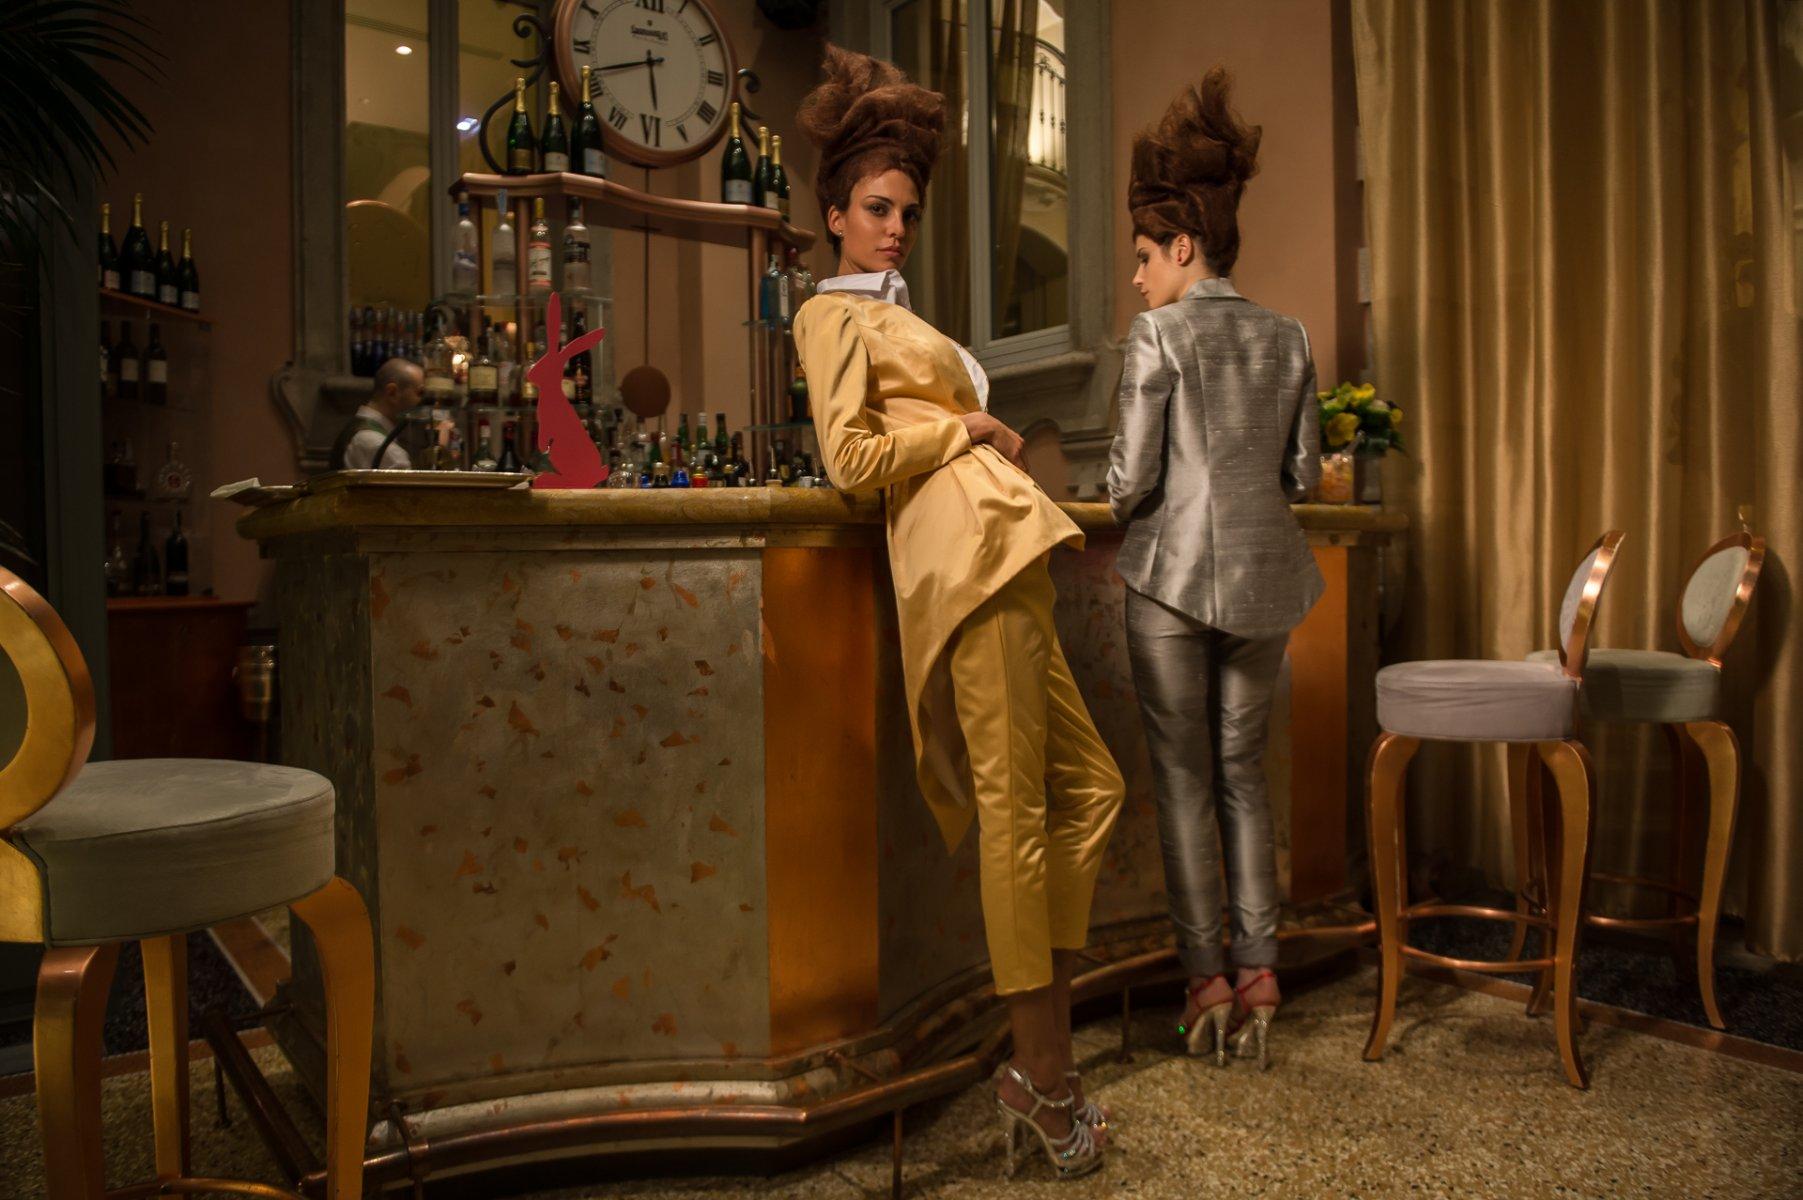 132-Boldini-Tribute Fashion/Adv